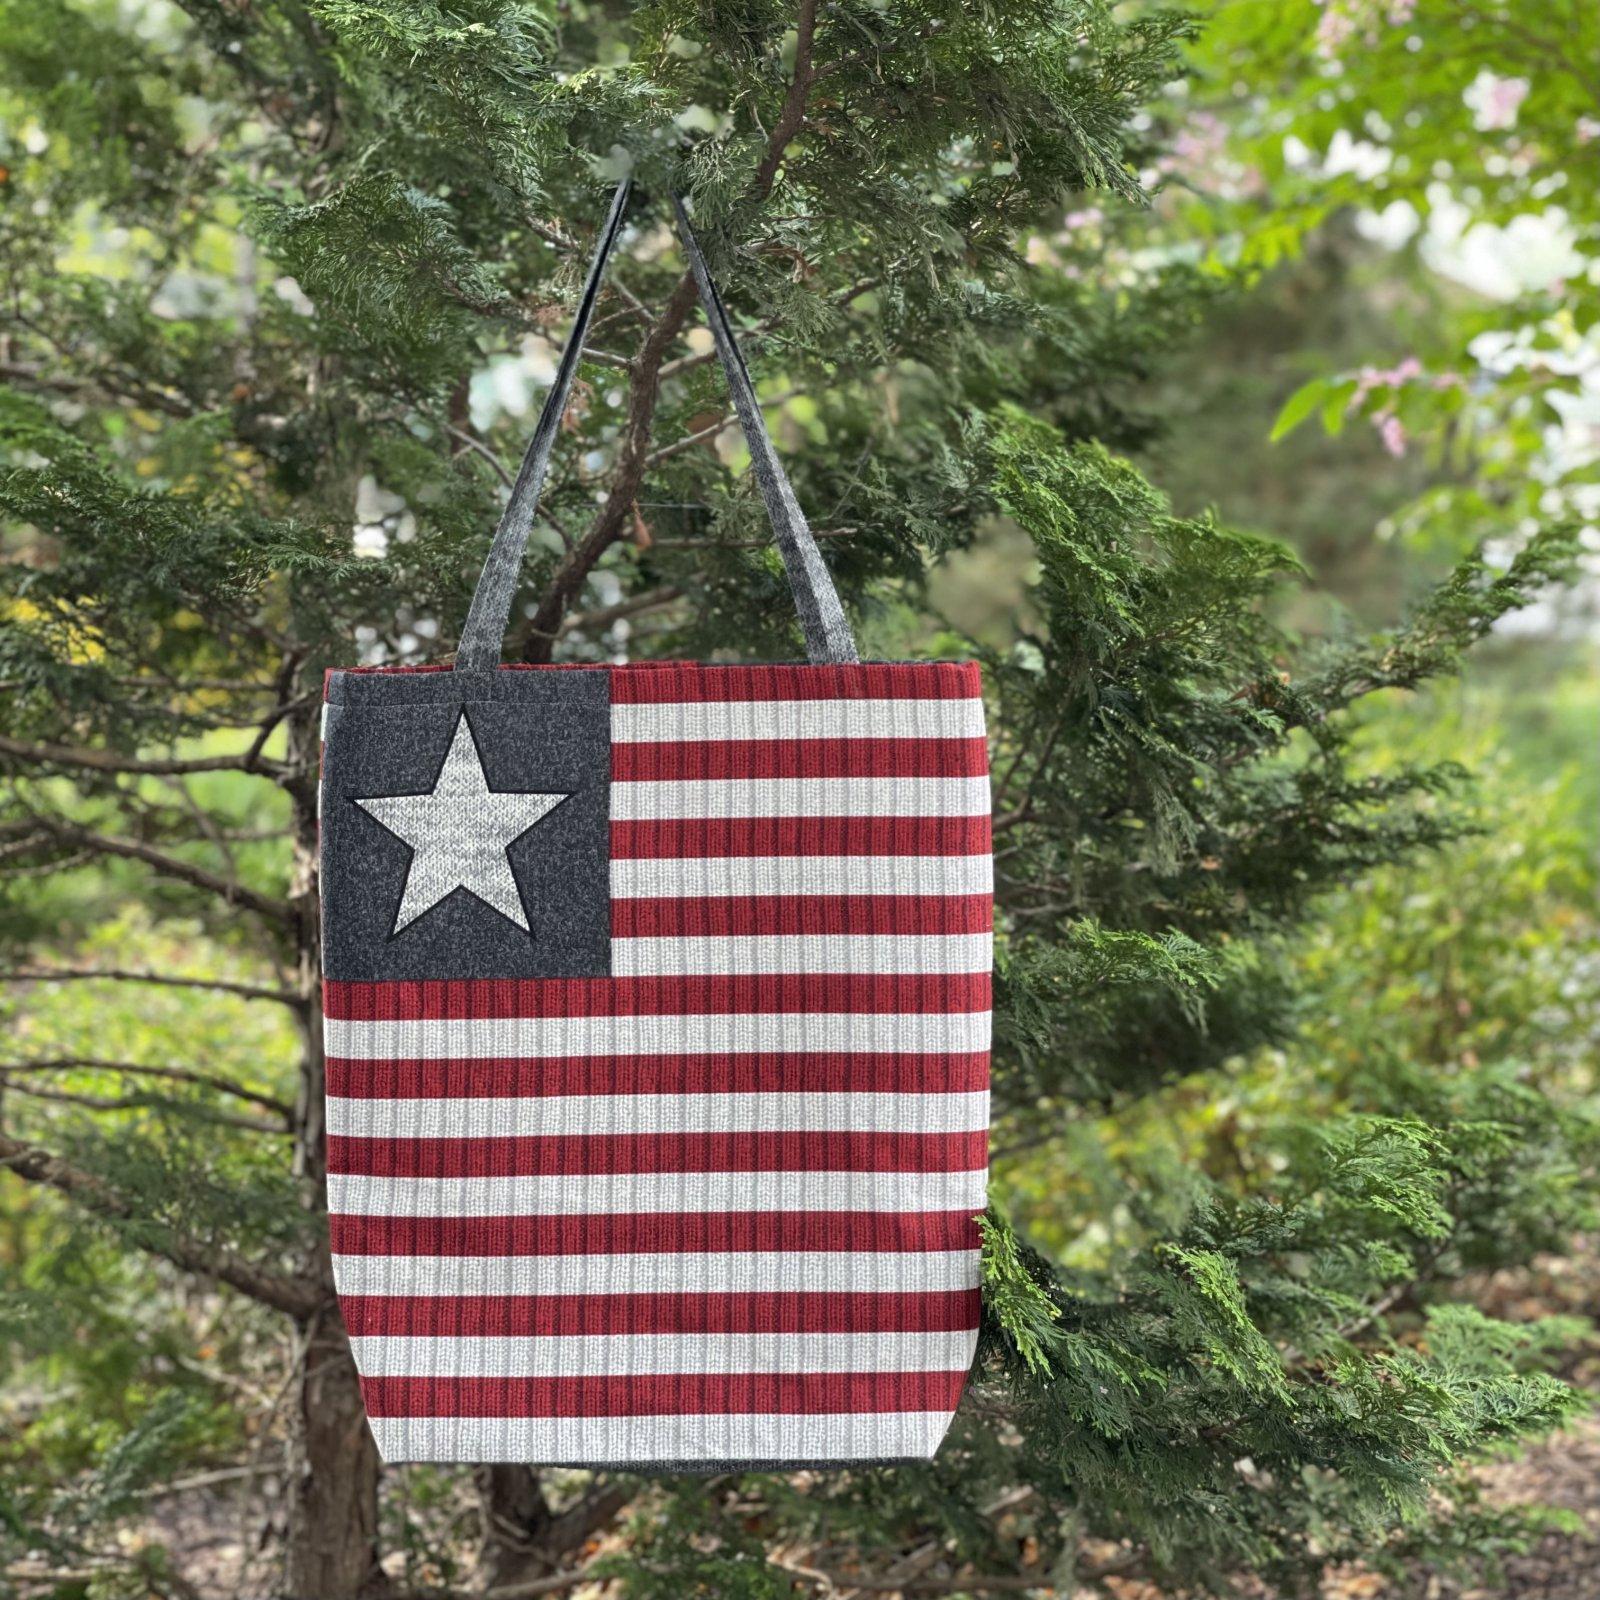 My America Tote Bag Kit